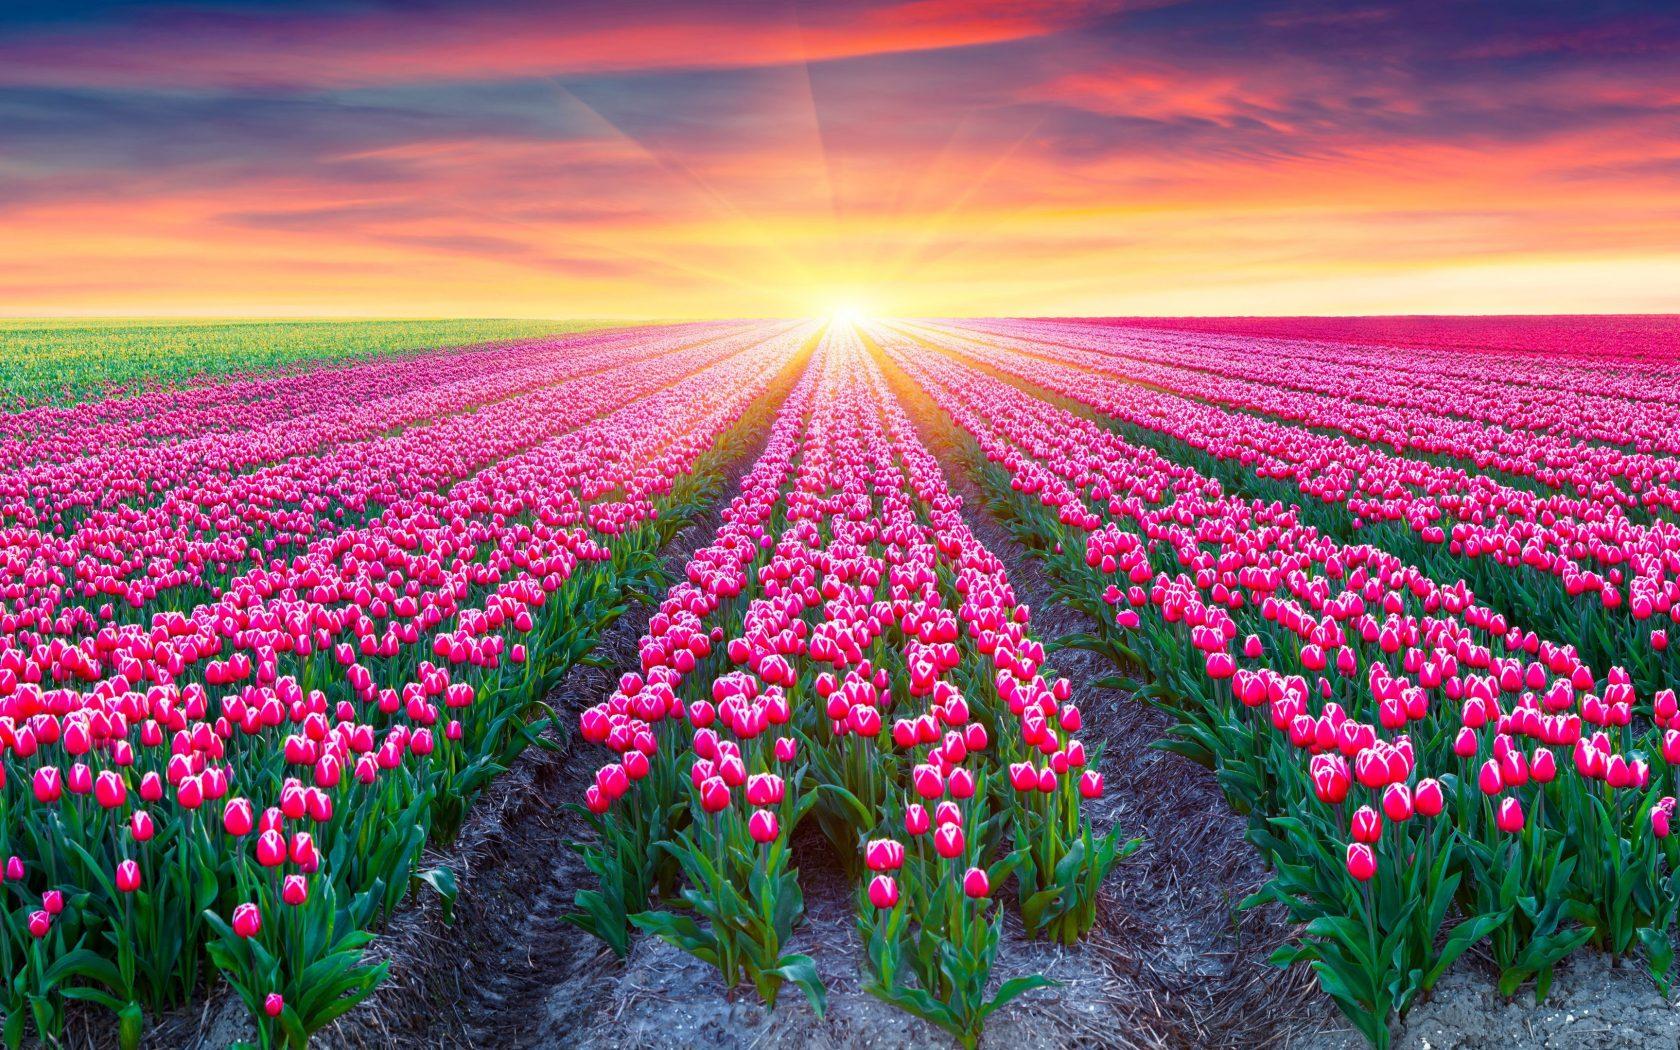 Ảnh cánh đồng hoa Tulip trải dài đến tận chân trời